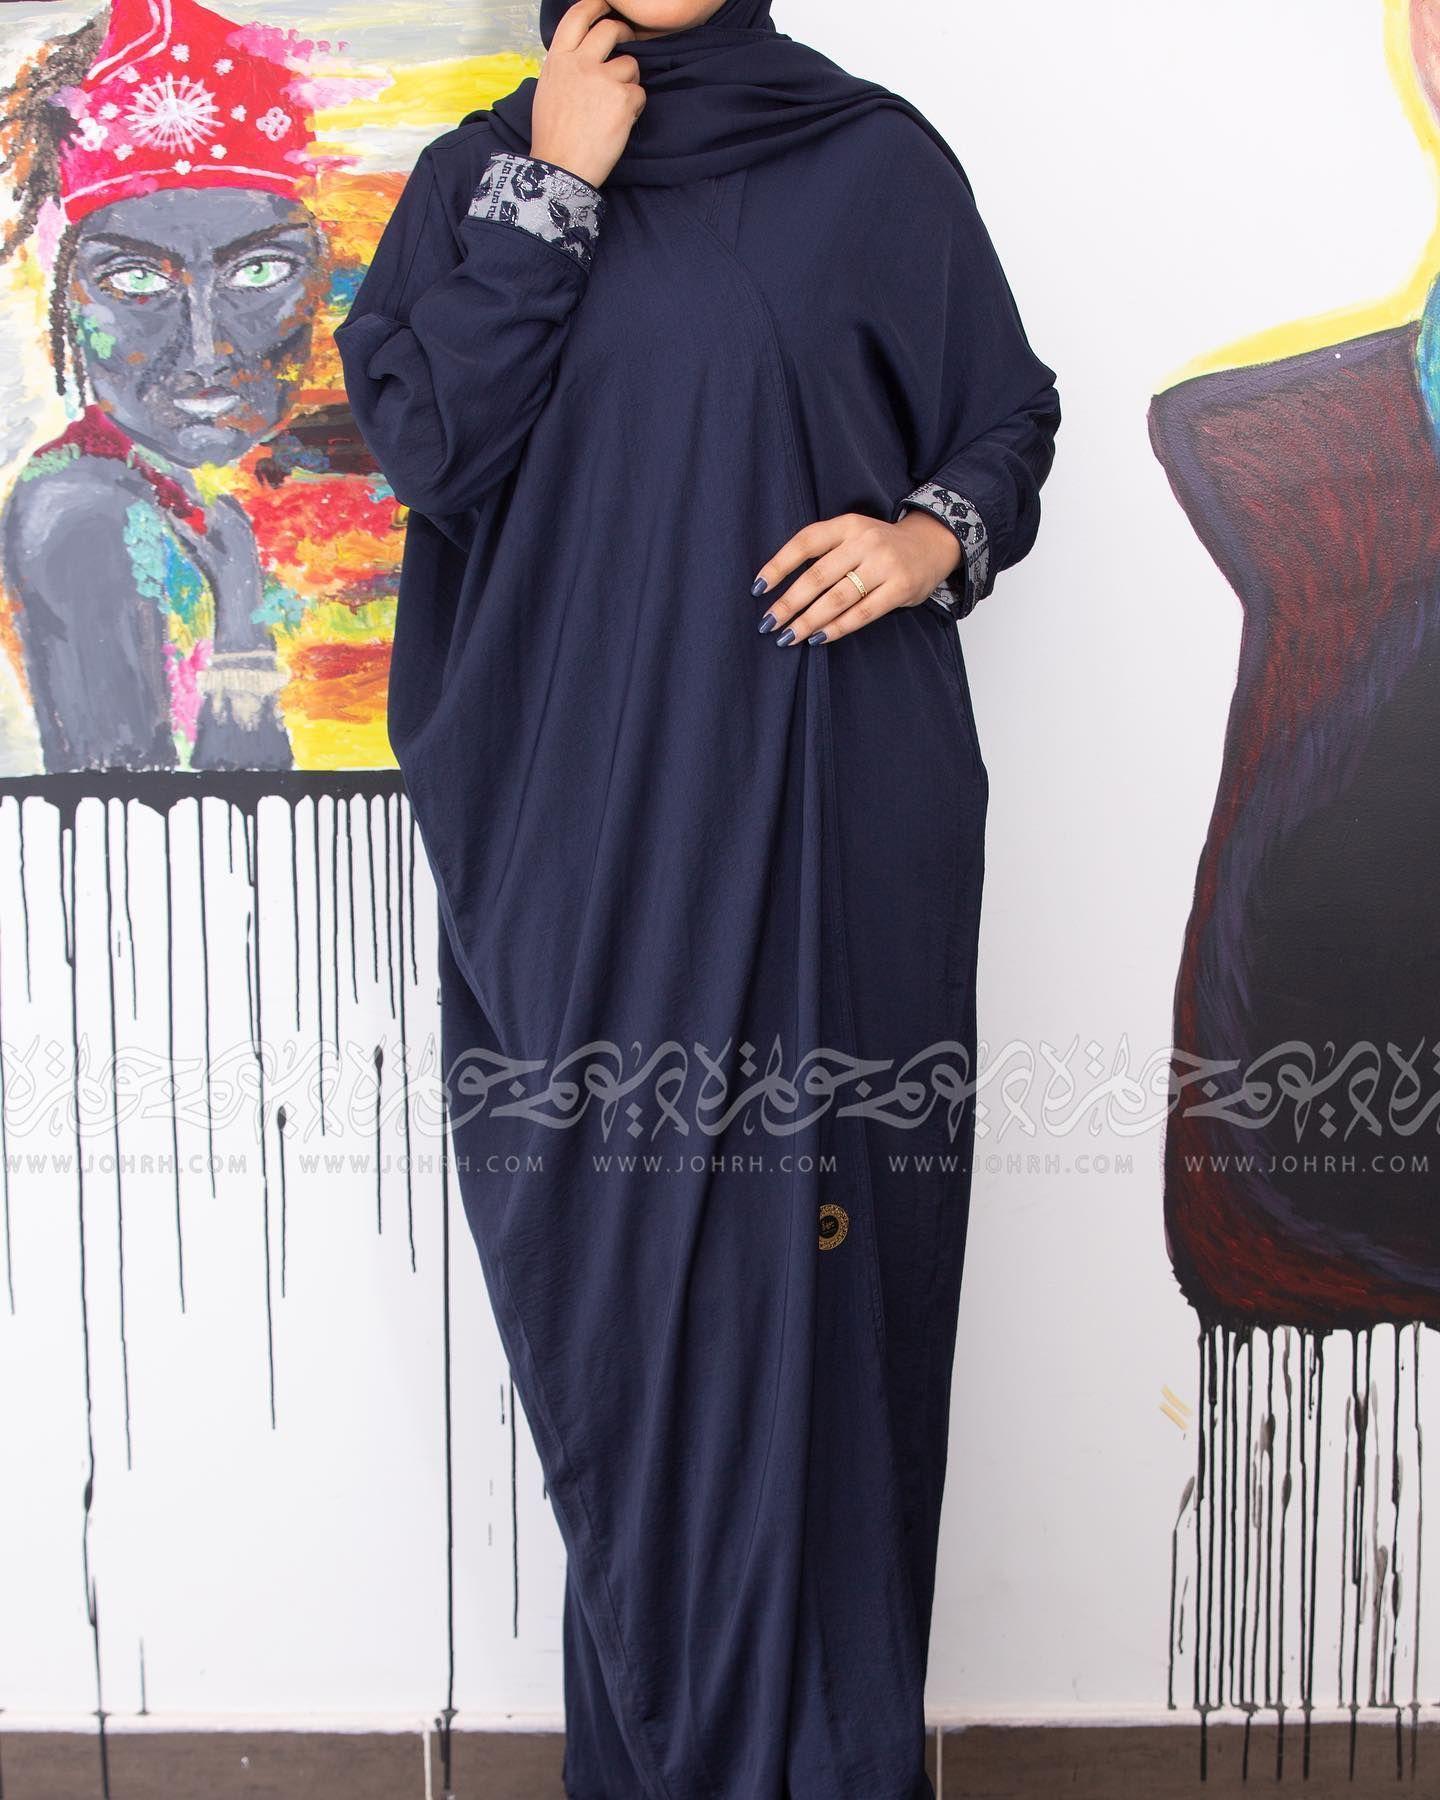 عباية حرير مغسول كحلي بتفتة بالظهر والاكمام رقم الموديل 1692 السعر بعد الخصم 250 متجر جوهرة عباية عبايات ستايل عباية Fashion Dresses Maxi Dress